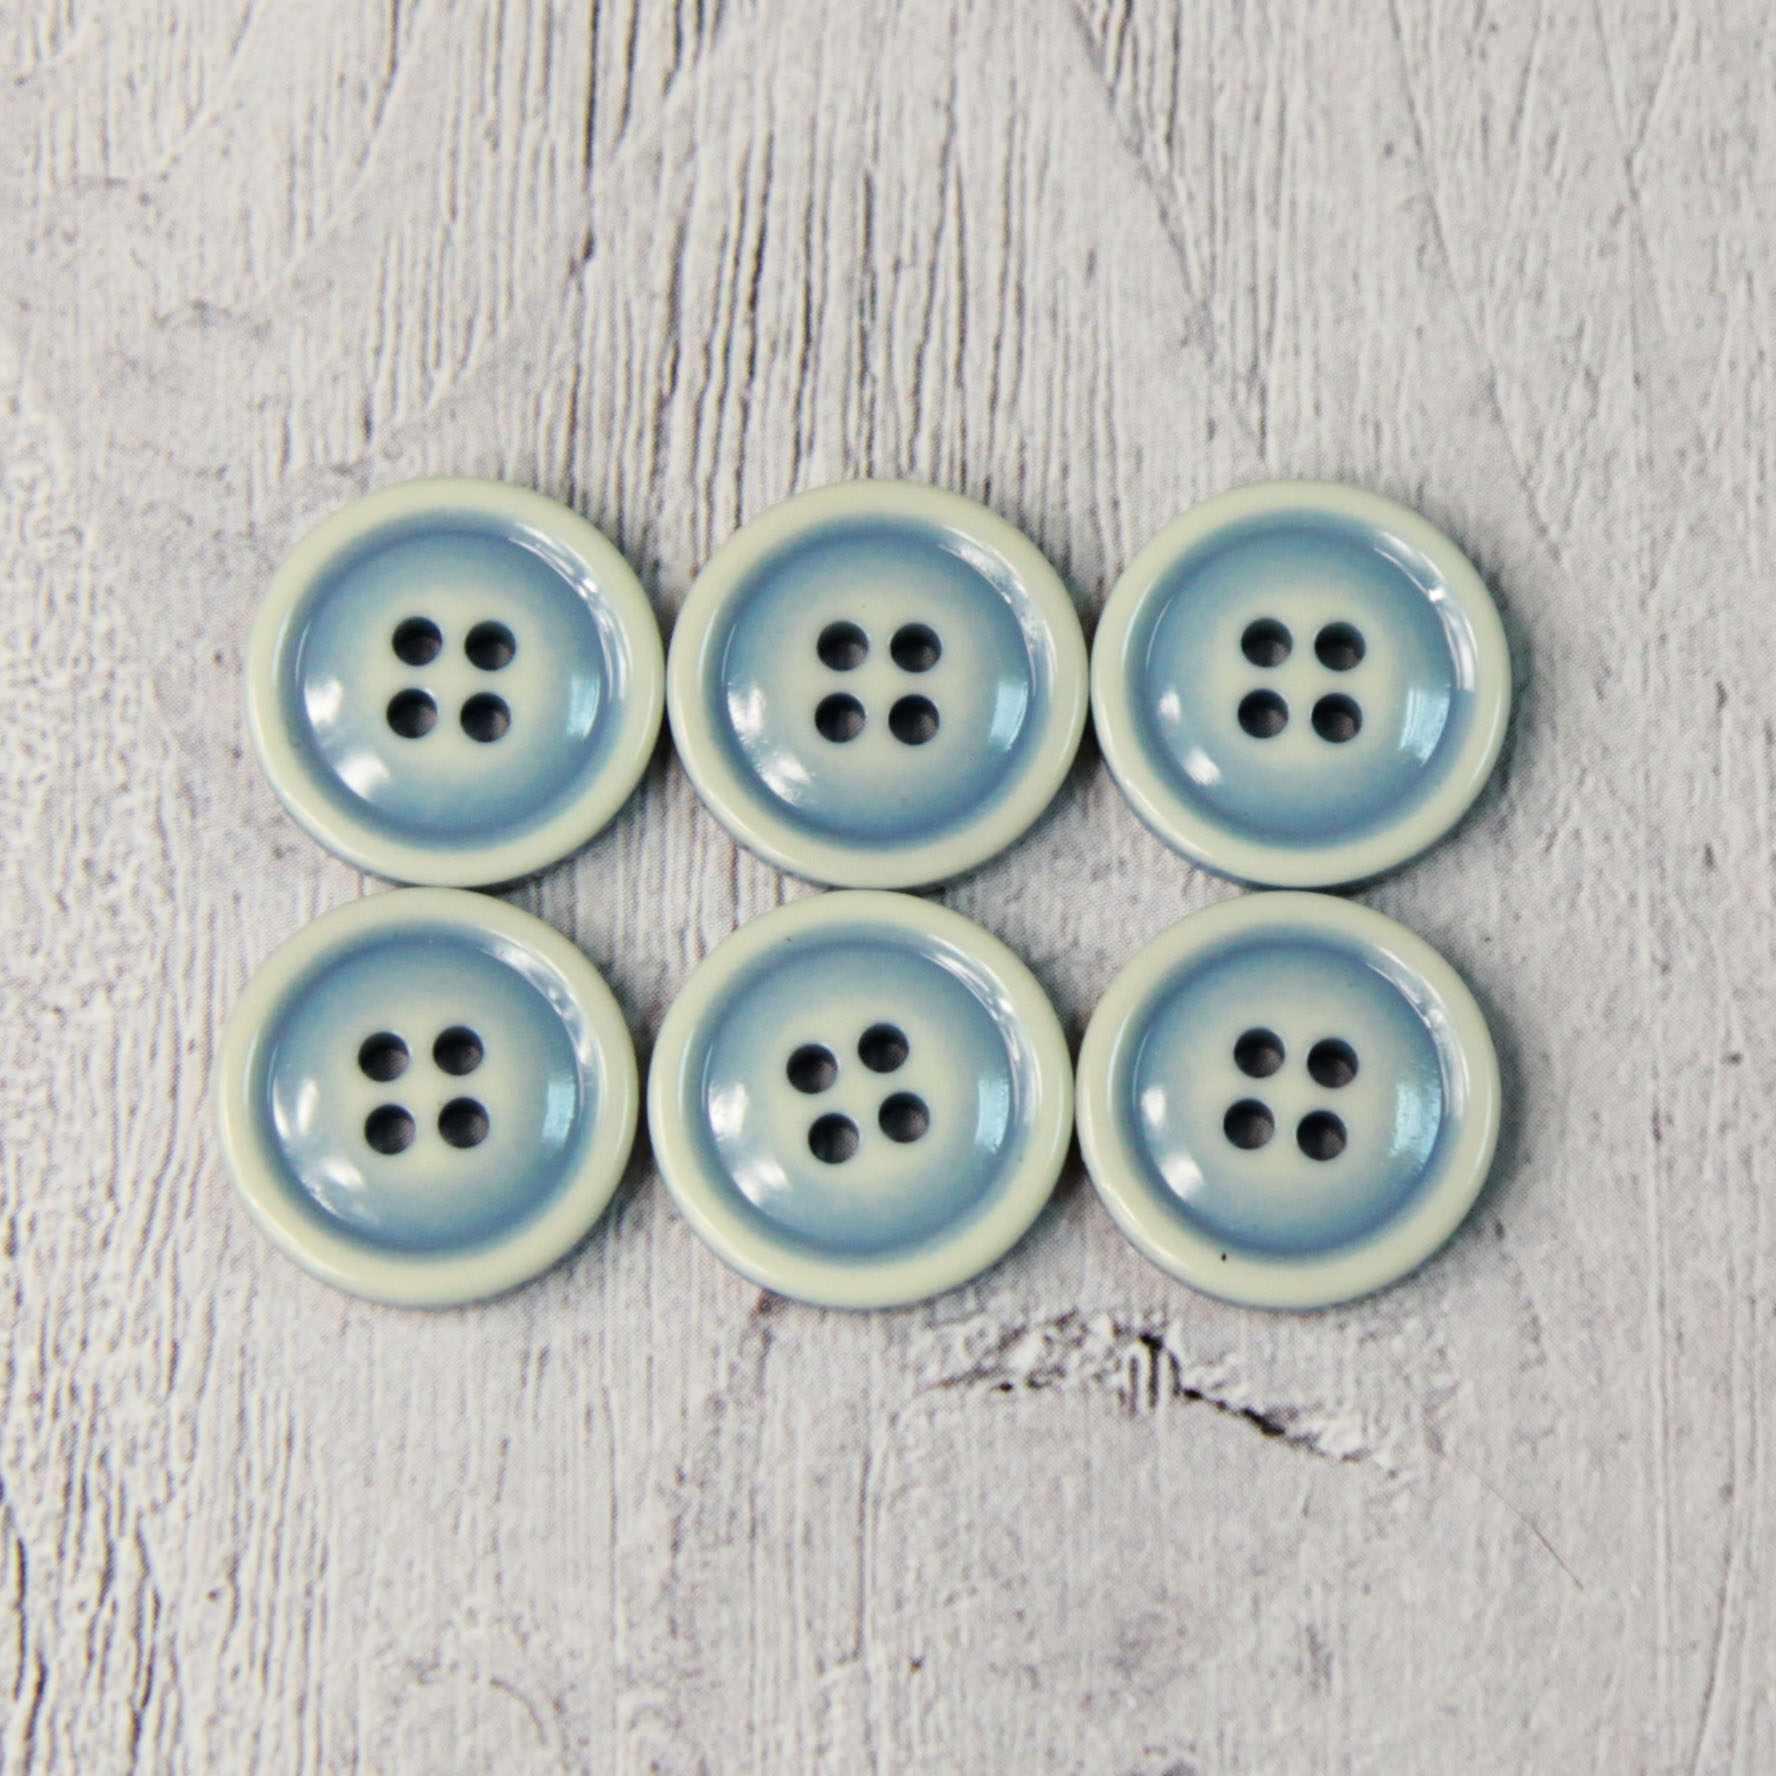 CRZ 0016 24 Пуговицы костюмные с проколами-1 №D903 серо-голубой, 6 шт